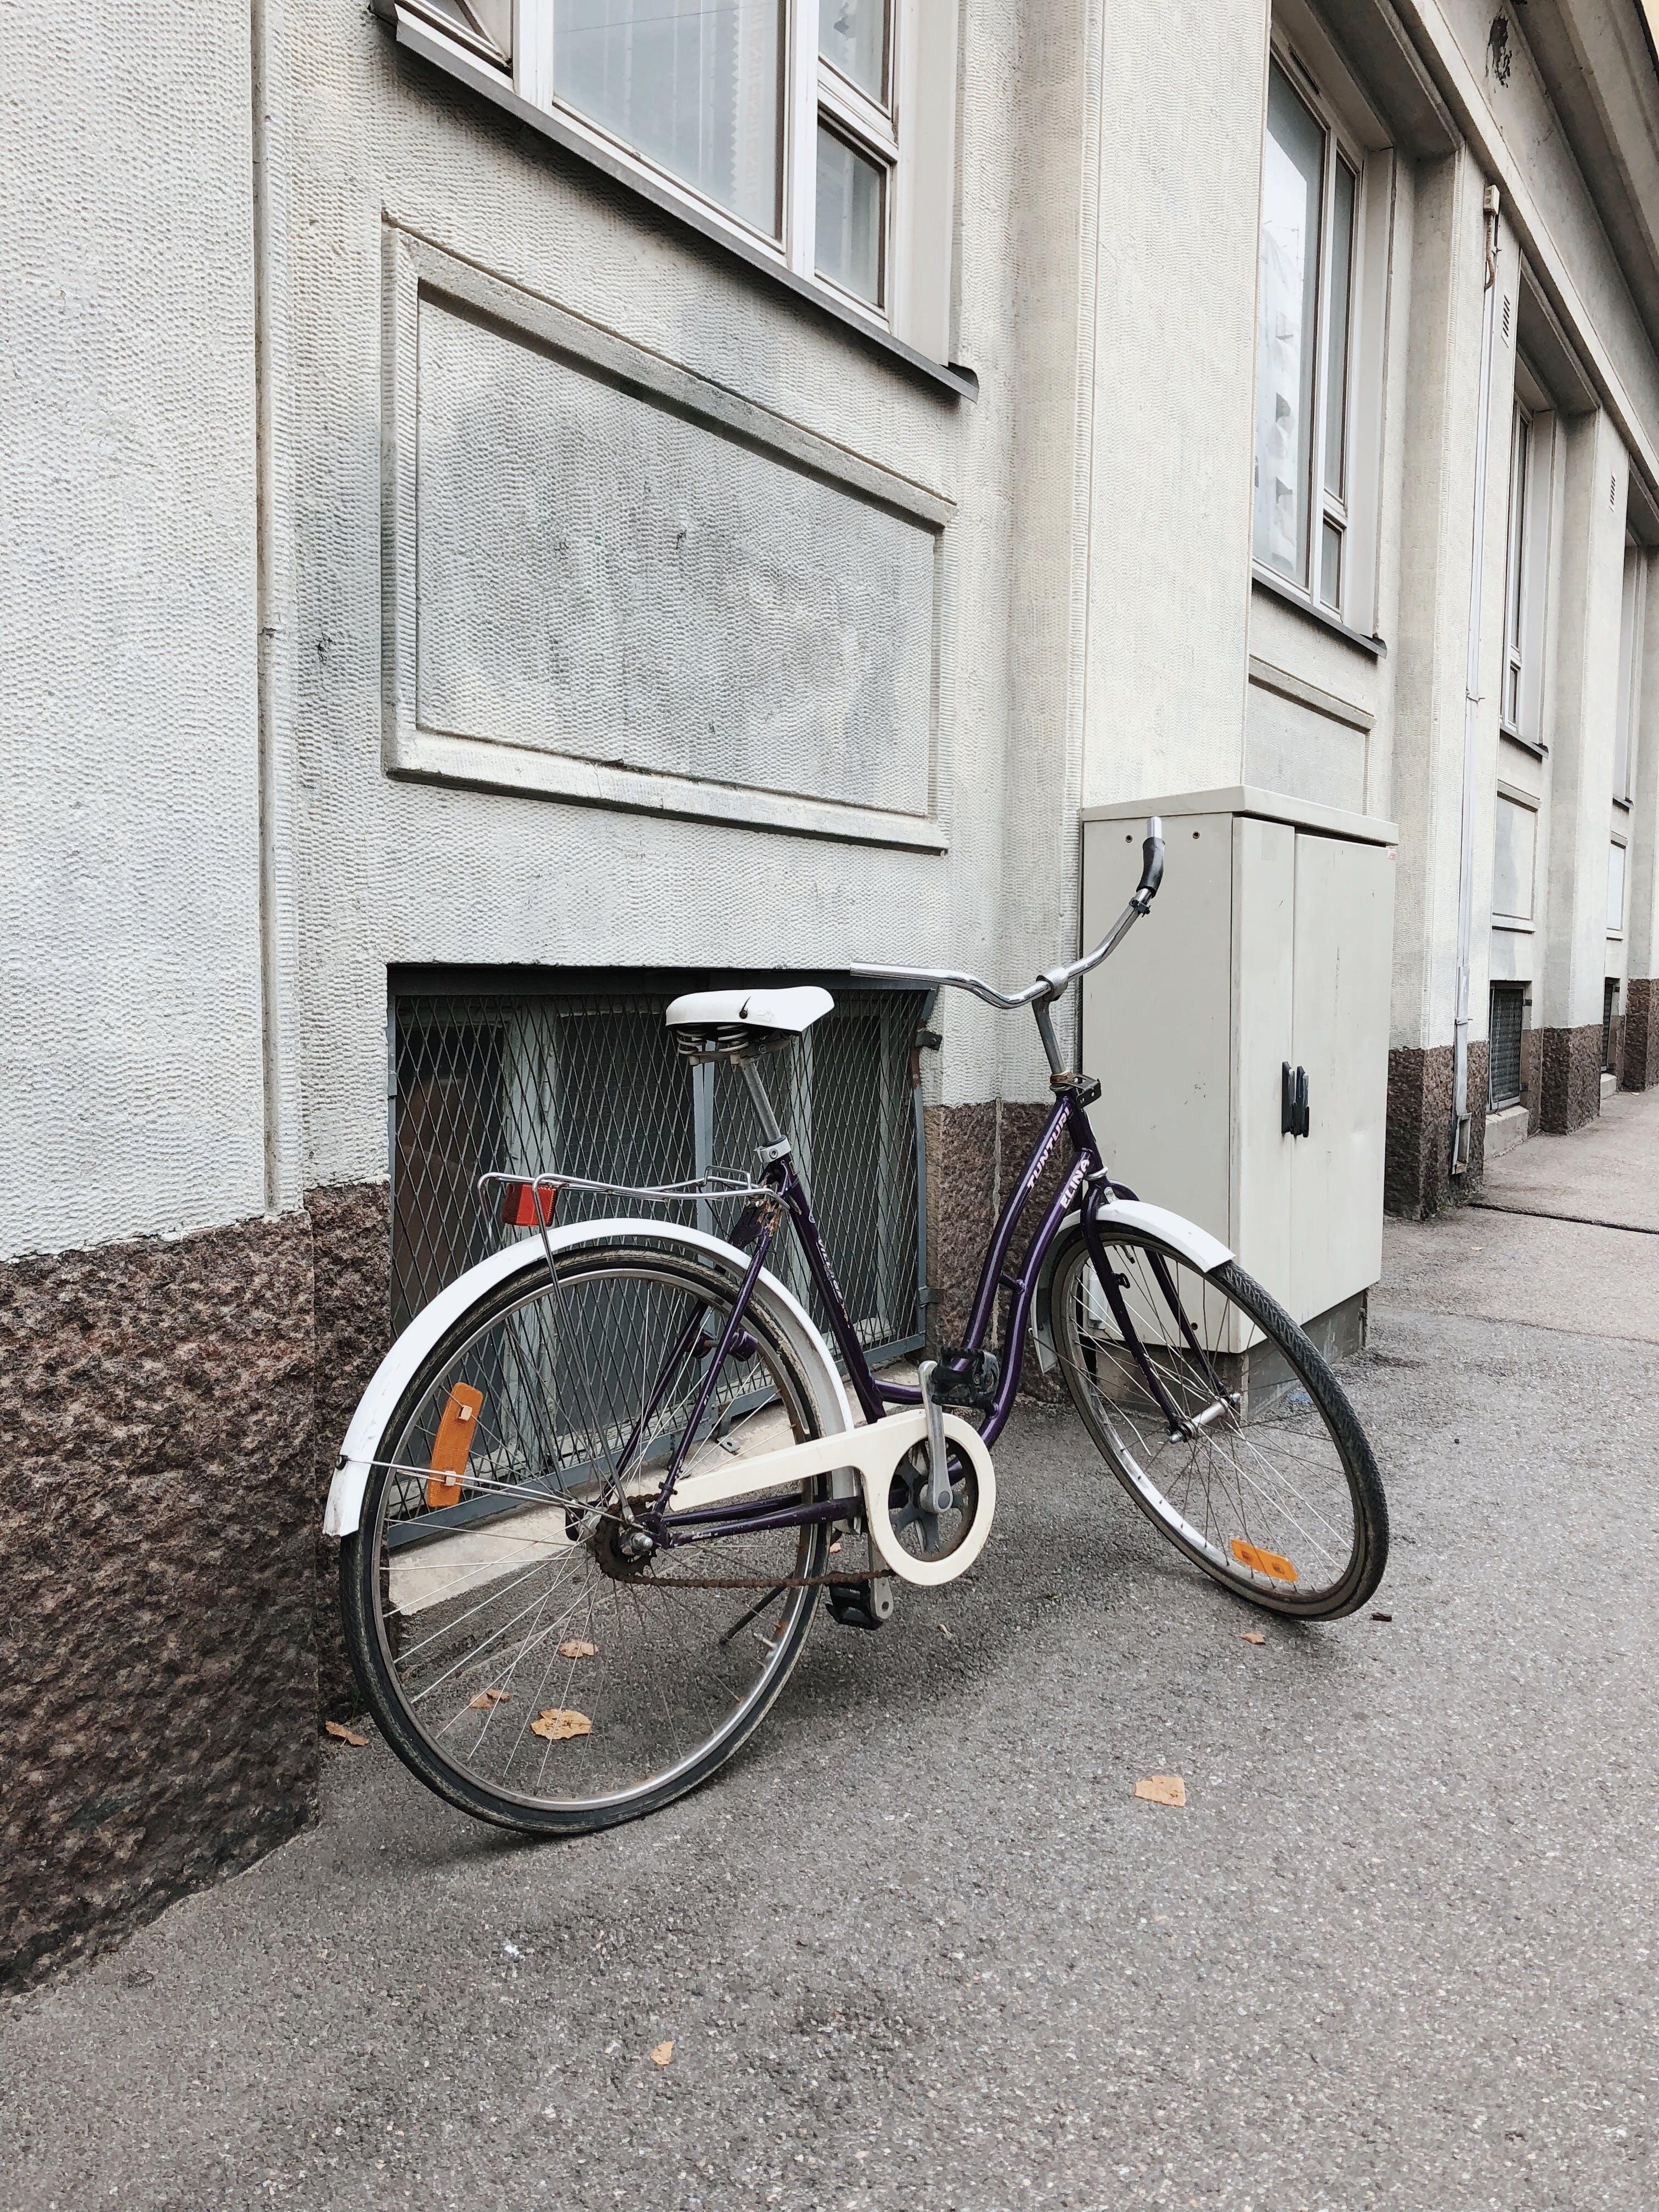 bürgersteig, fahrrad, gebäude